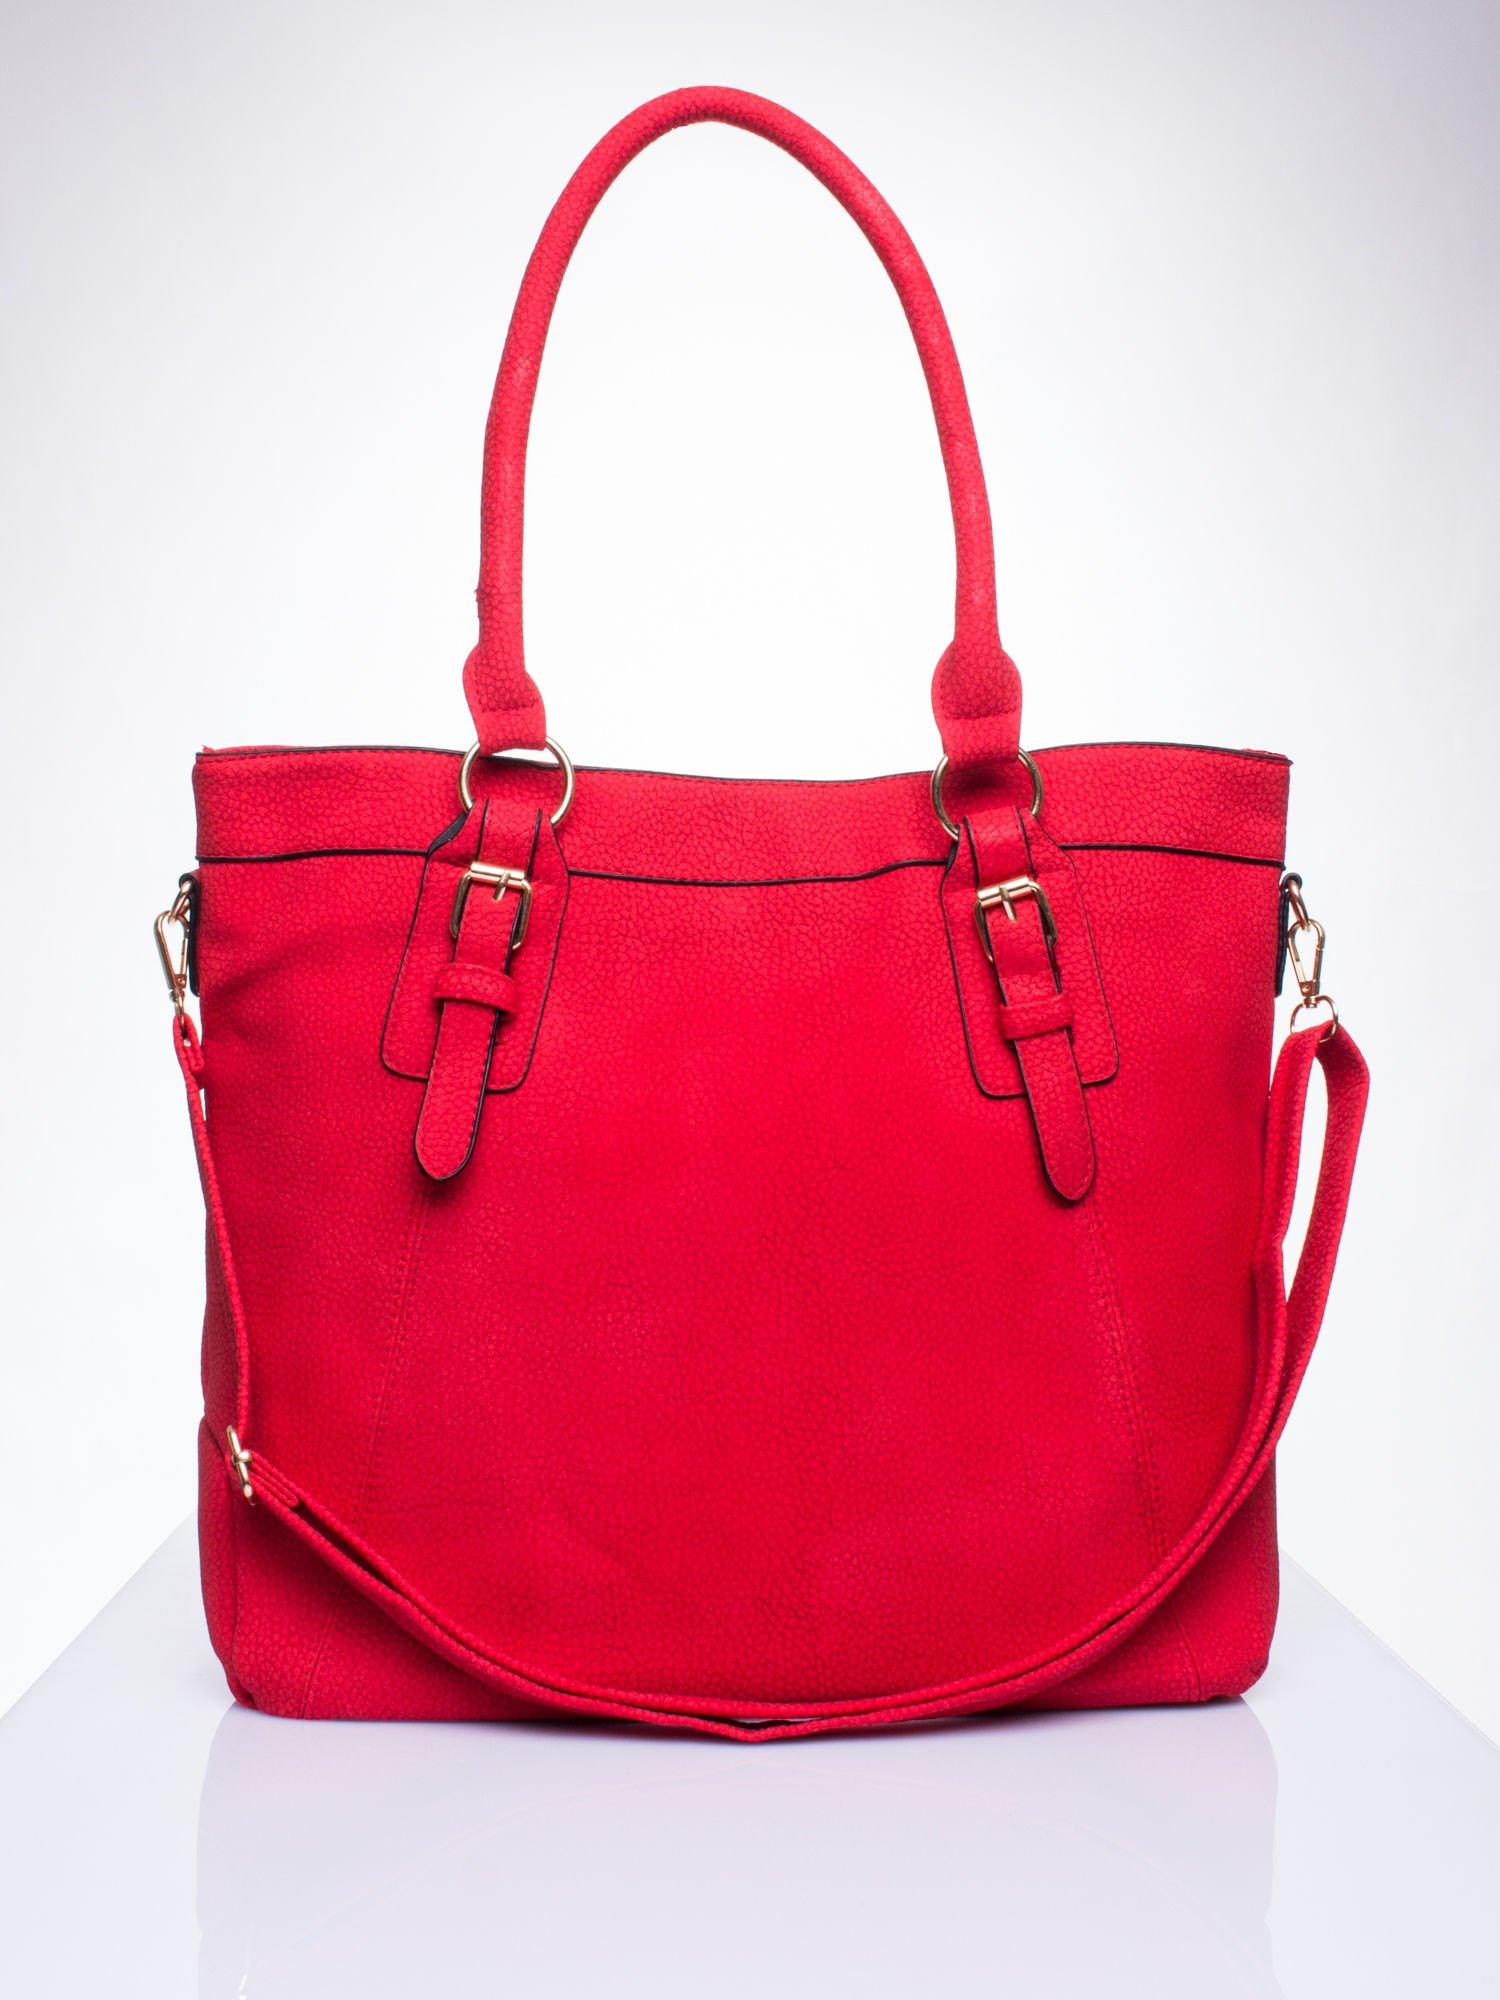 Czerwona fakturowana torebka z klamerkami                                  zdj.                                  1